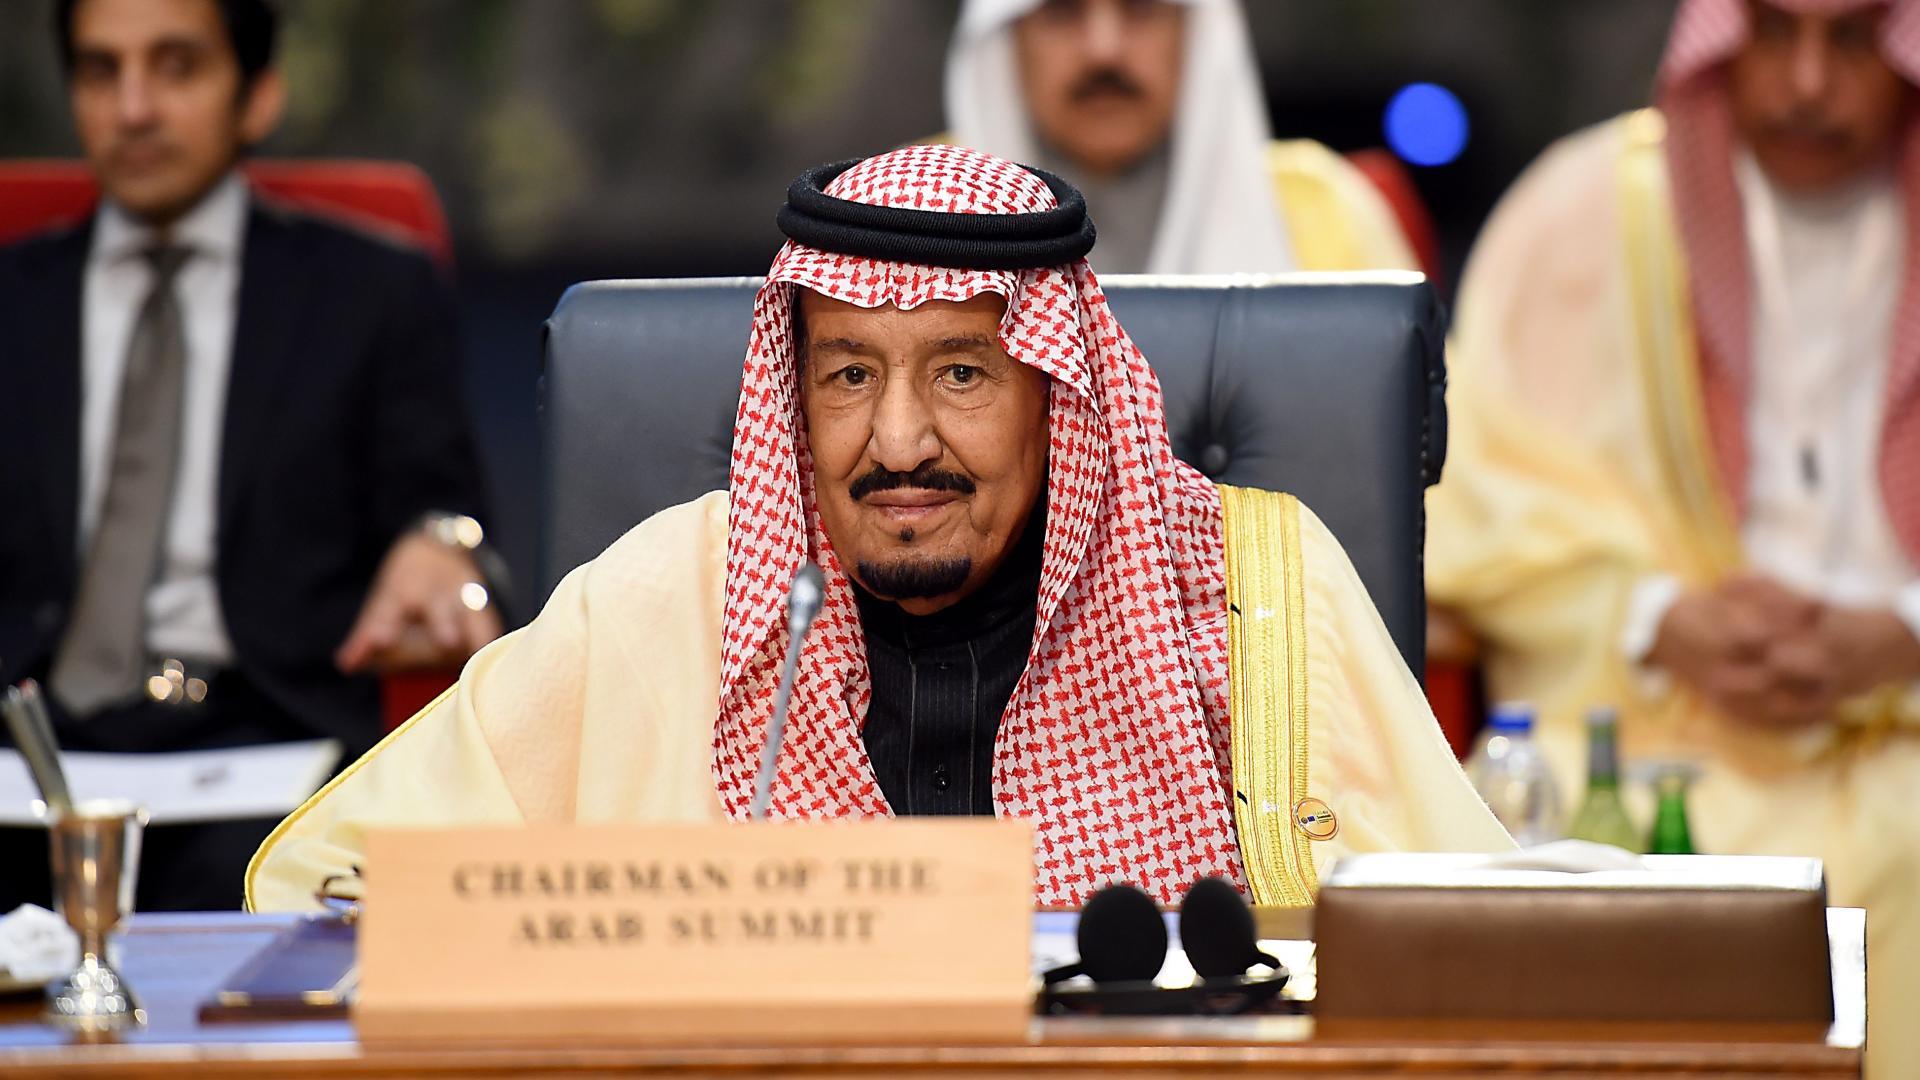 الملك سلمان يشدد على أهمية العمل على مكافحة تمويل الإرهاب وغسيل الأموال